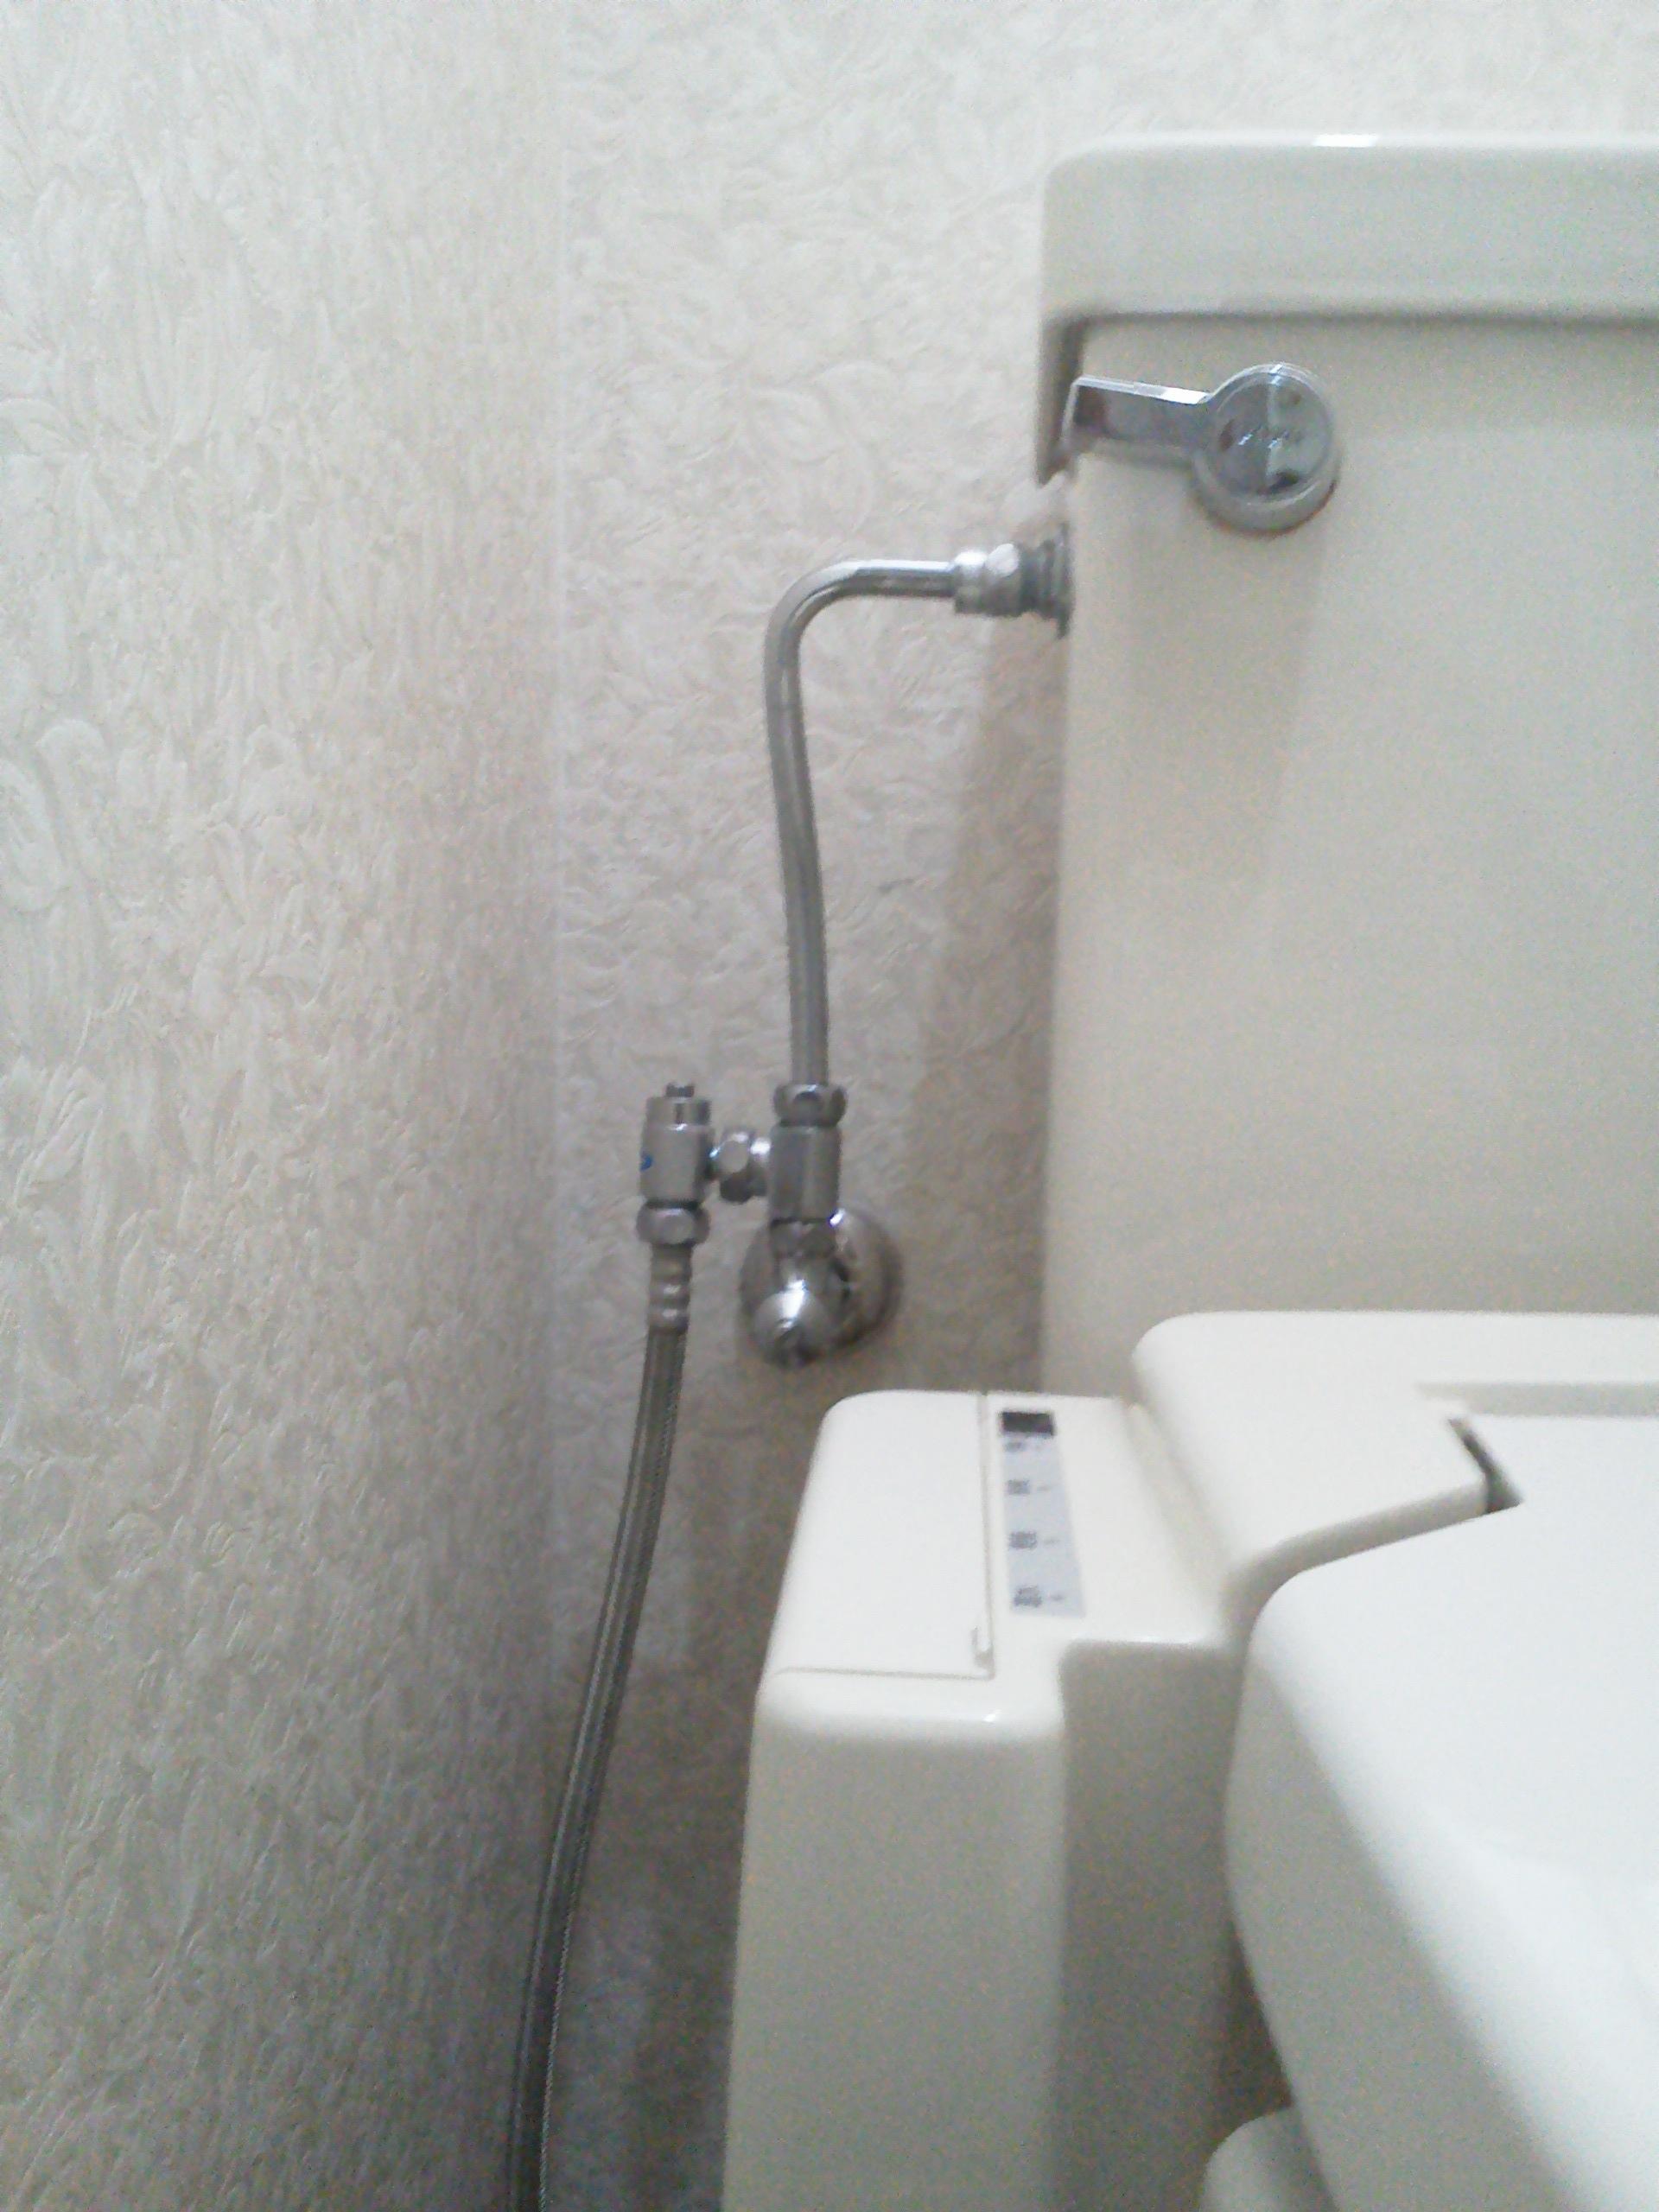 トイレの水を節水できるか調べてみた